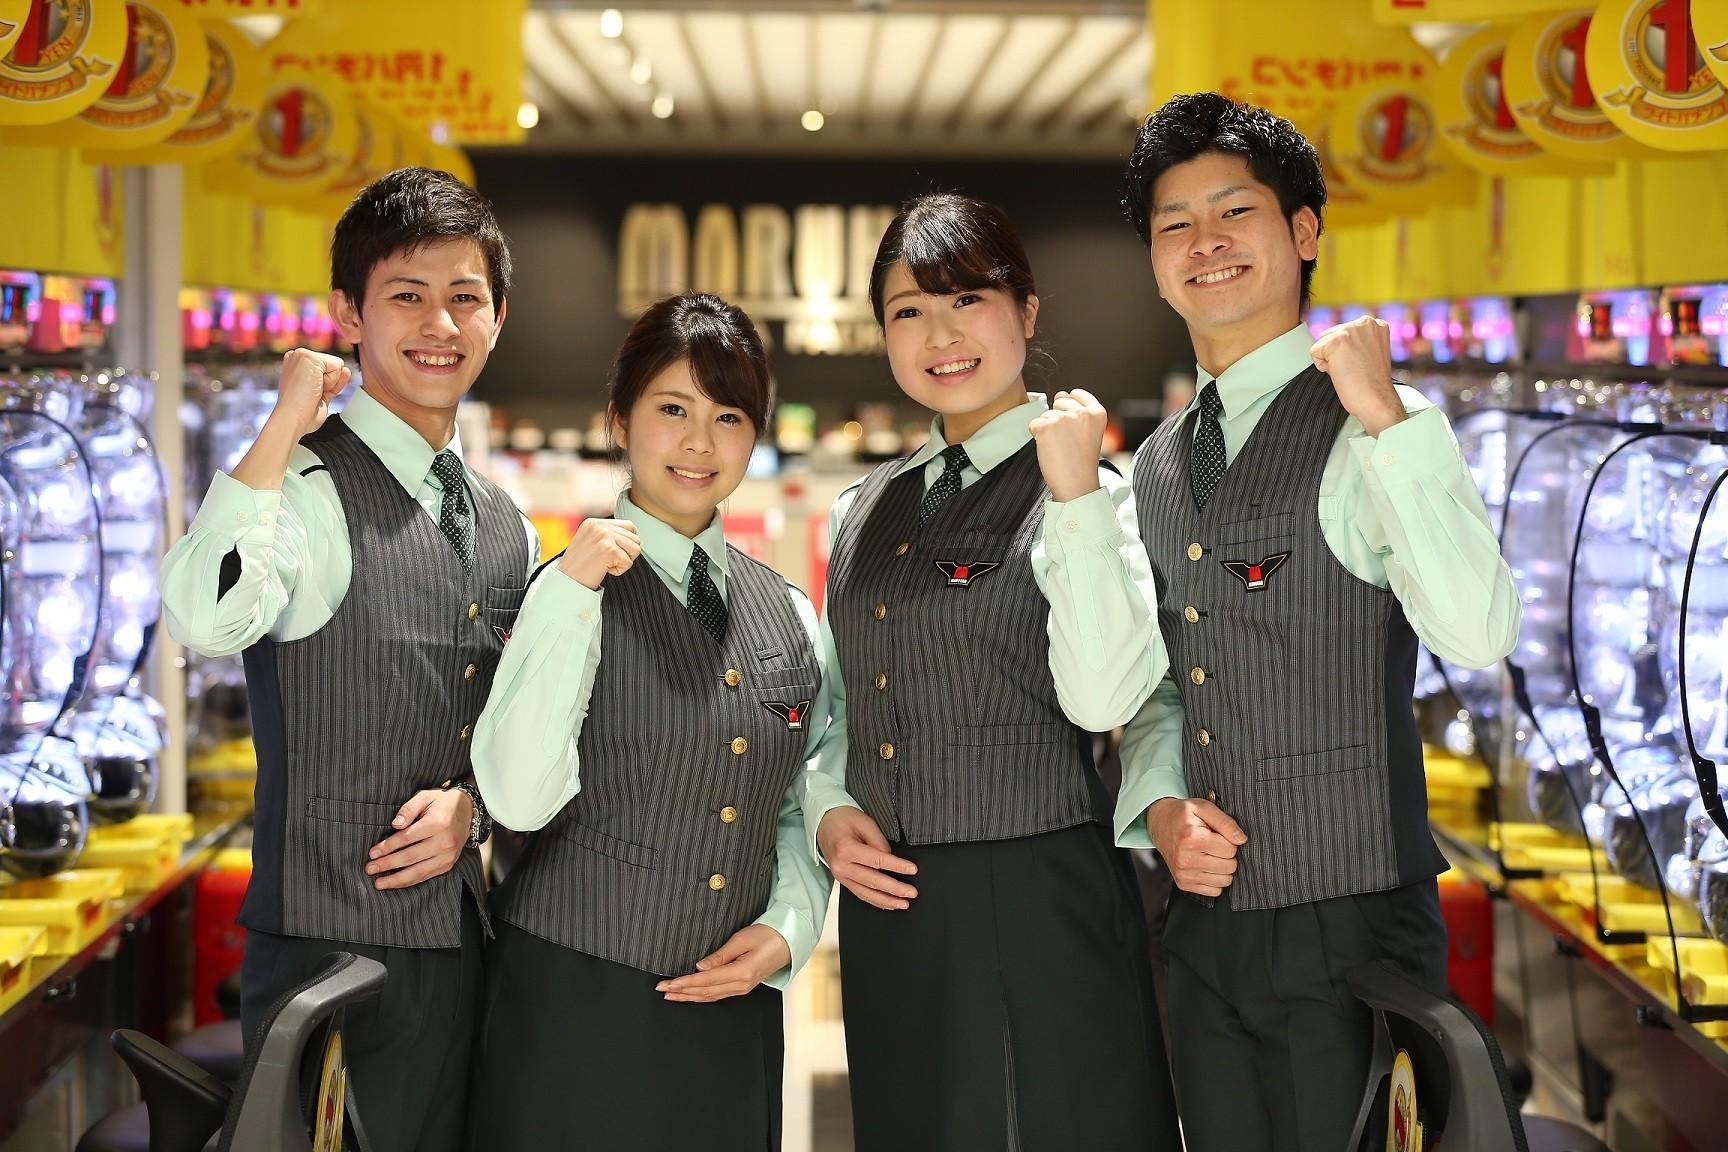 マルハン 中川店[2208] のアルバイト情報